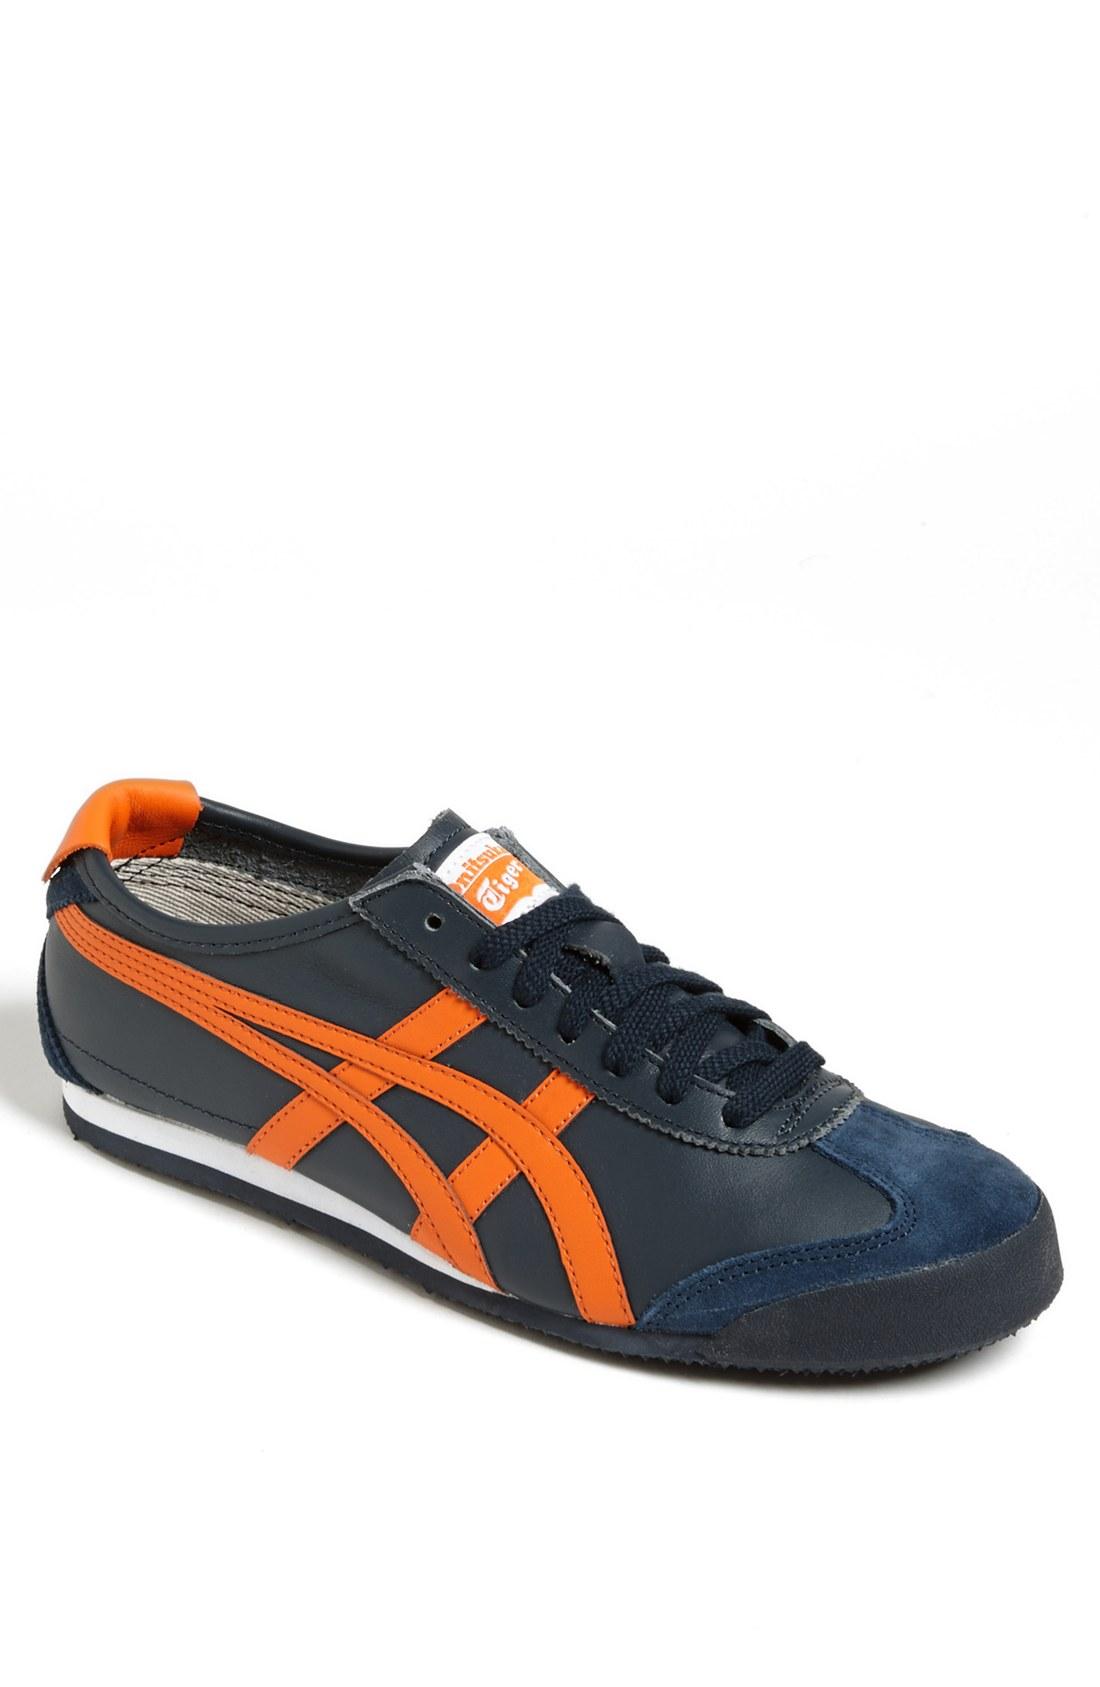 onitsuka tiger mexico 66 sneaker in blue for men navy orange lyst. Black Bedroom Furniture Sets. Home Design Ideas